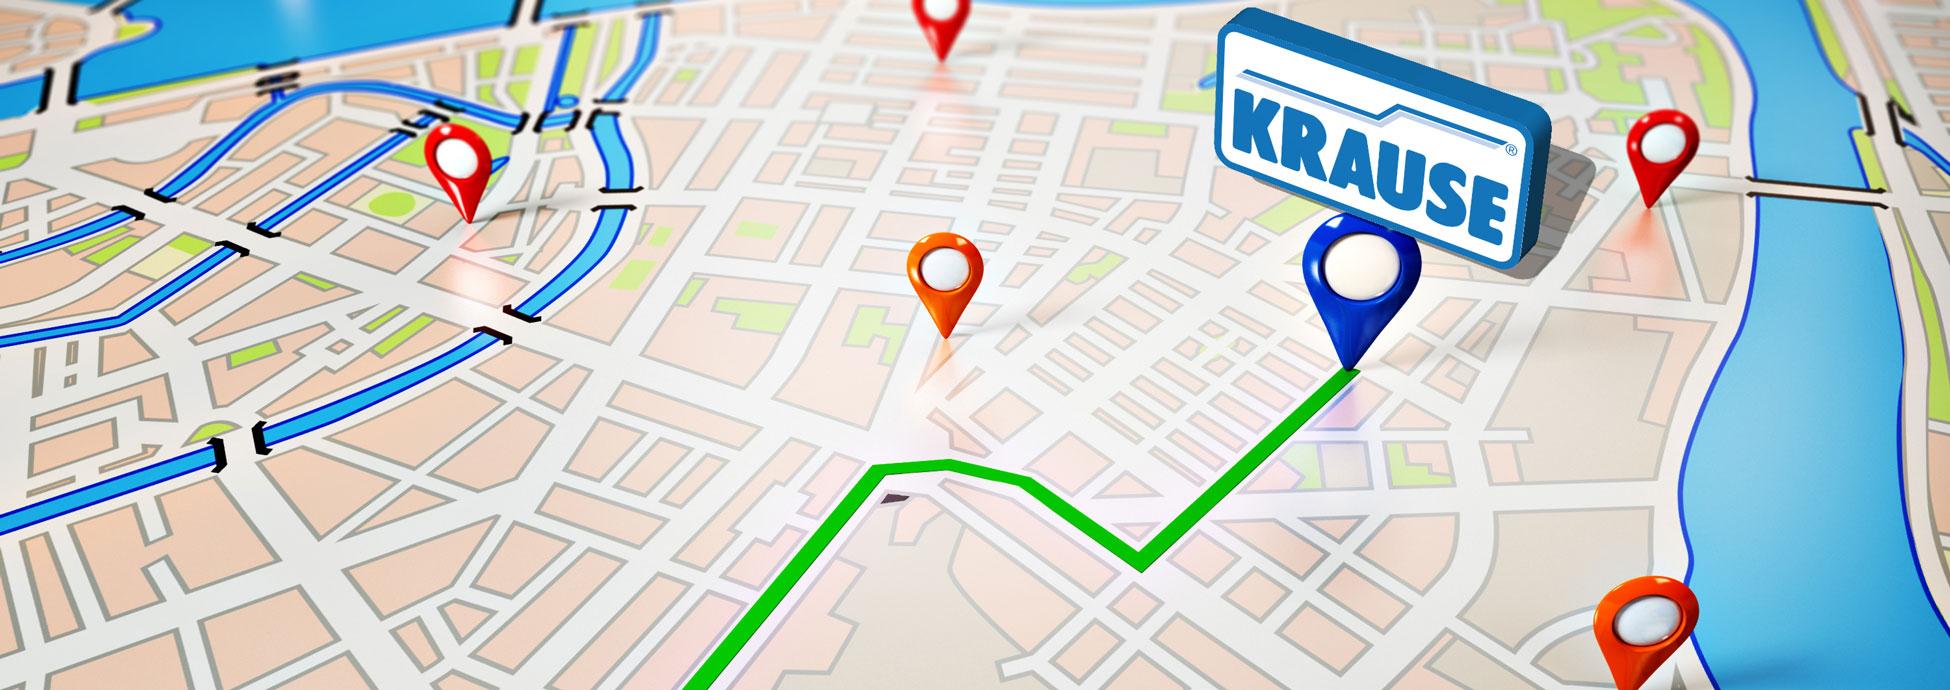 Anfahrtsbeschreibung - Ihr Weg ins KRAUSE-Werk